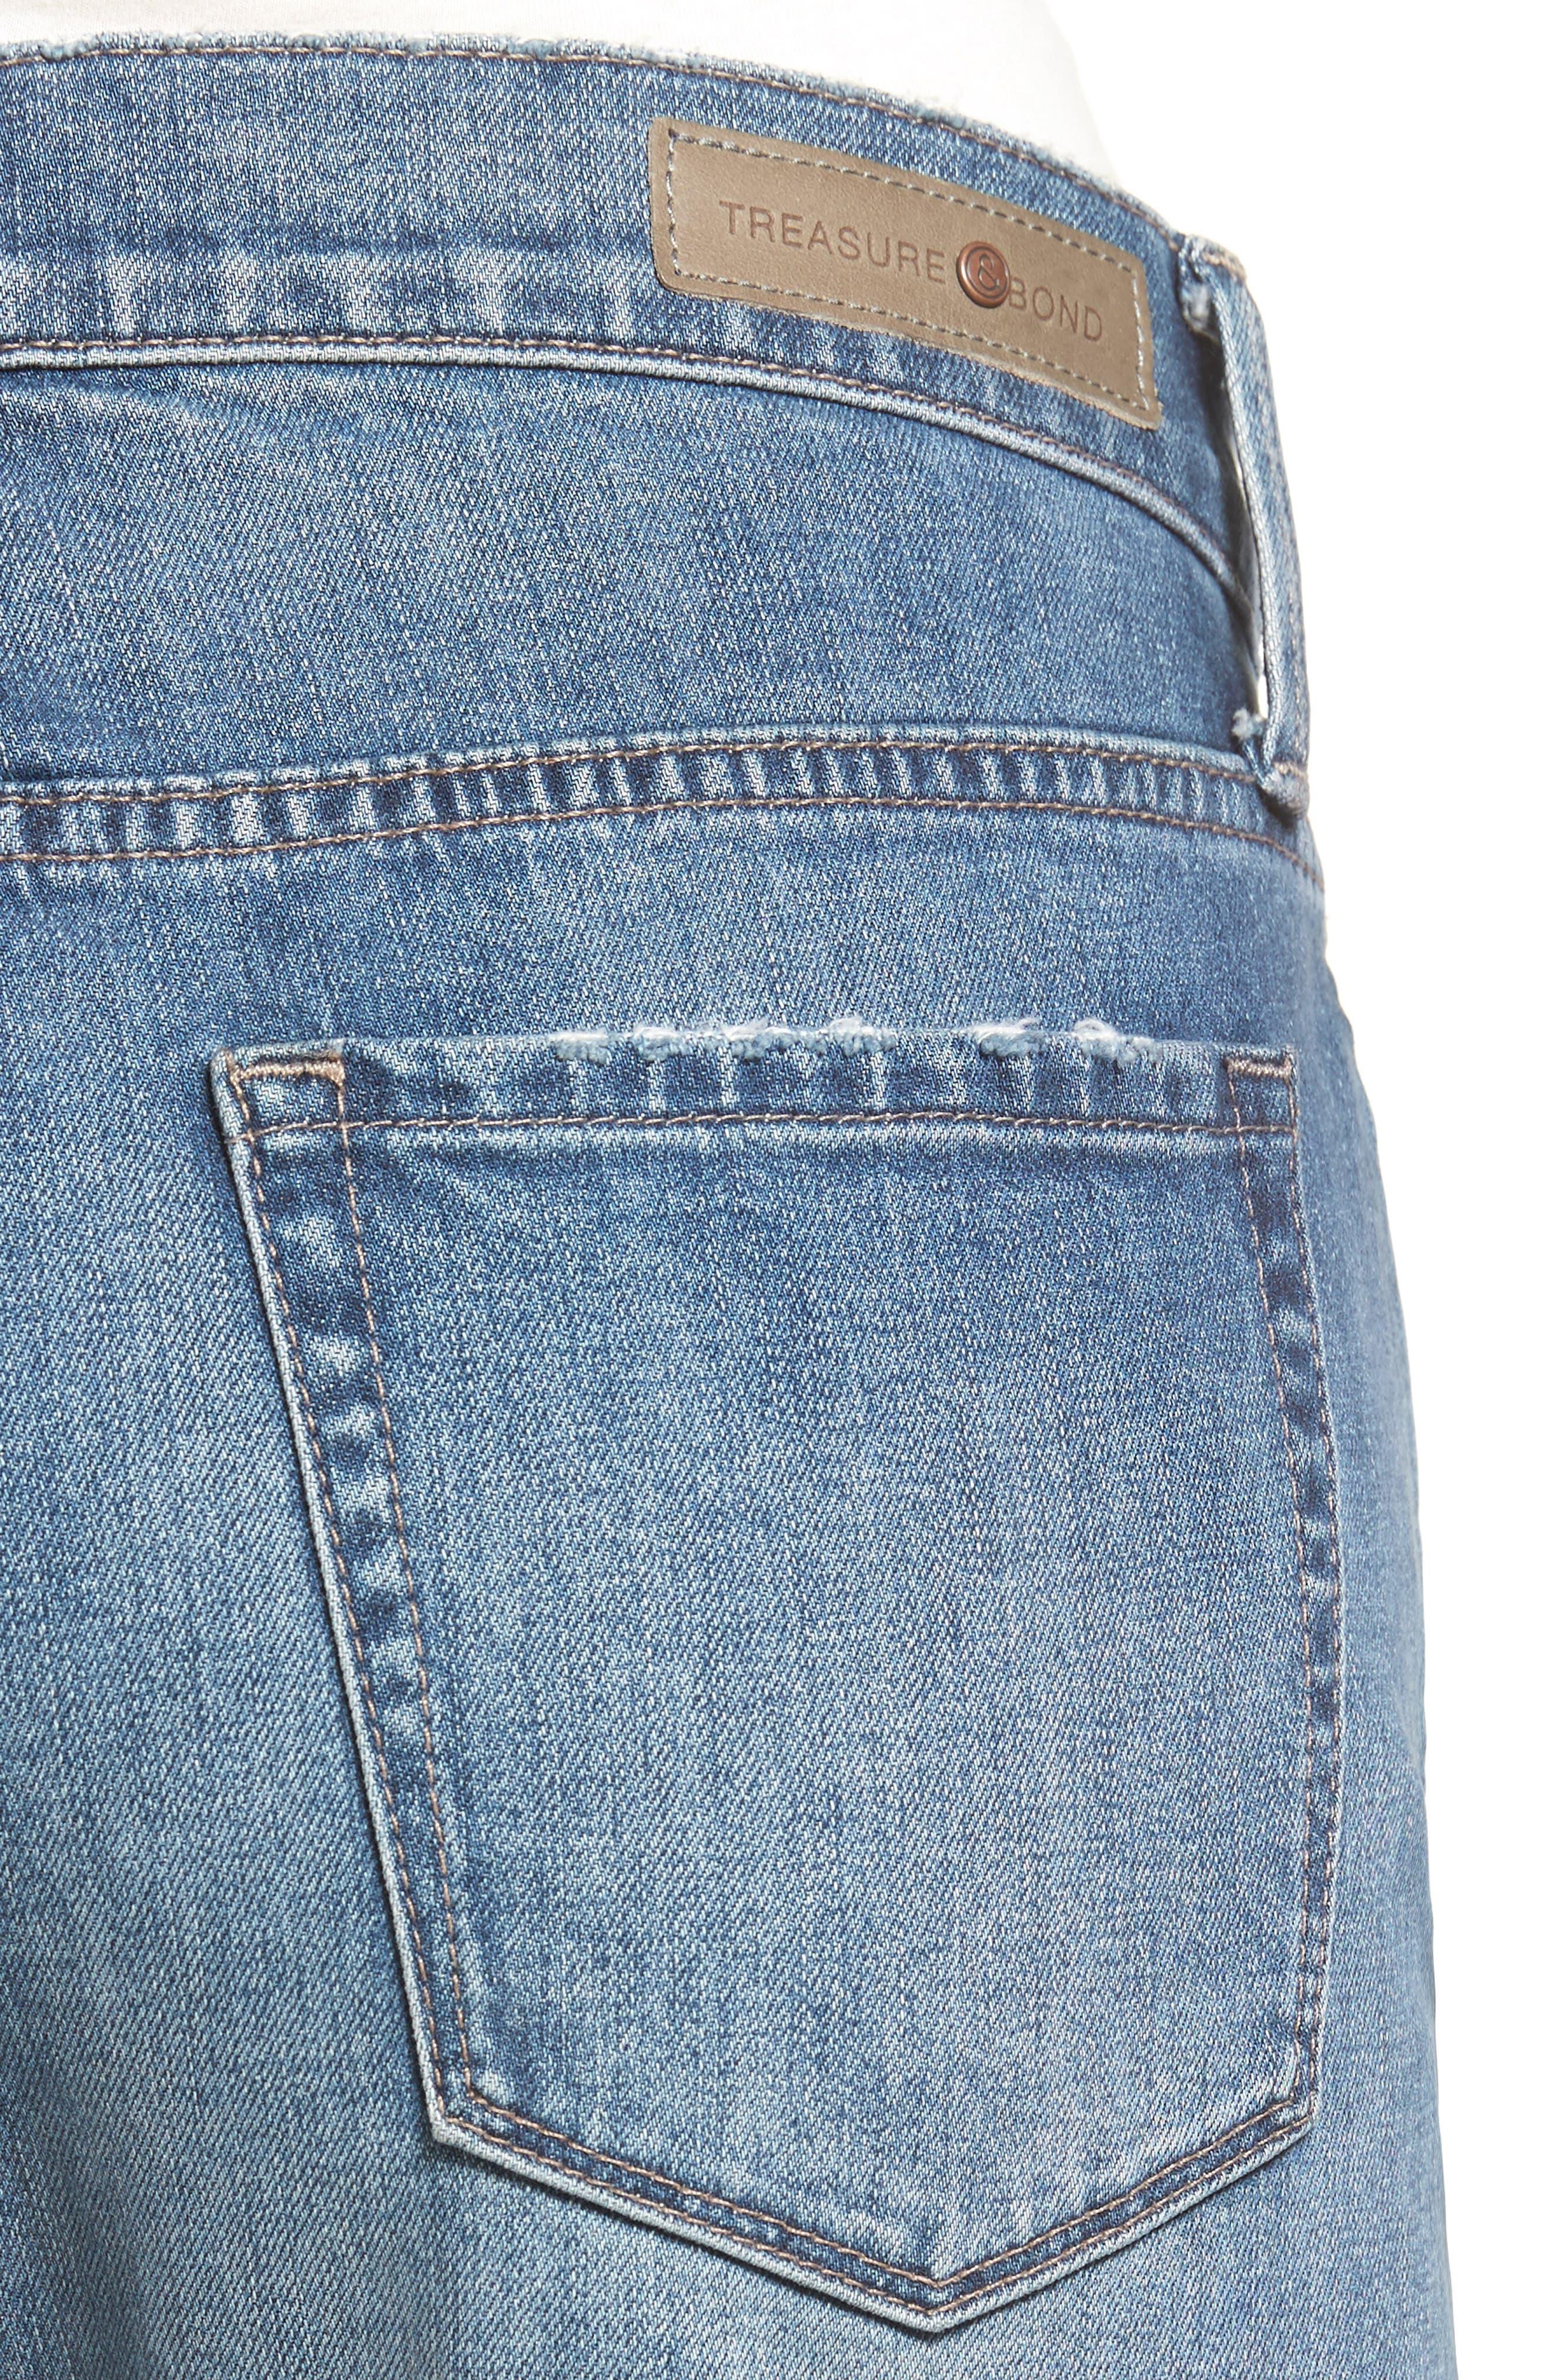 Alternate Image 4  - Treasure & Bond Relaxed Jeans (Gravel Dusk Destroyed)